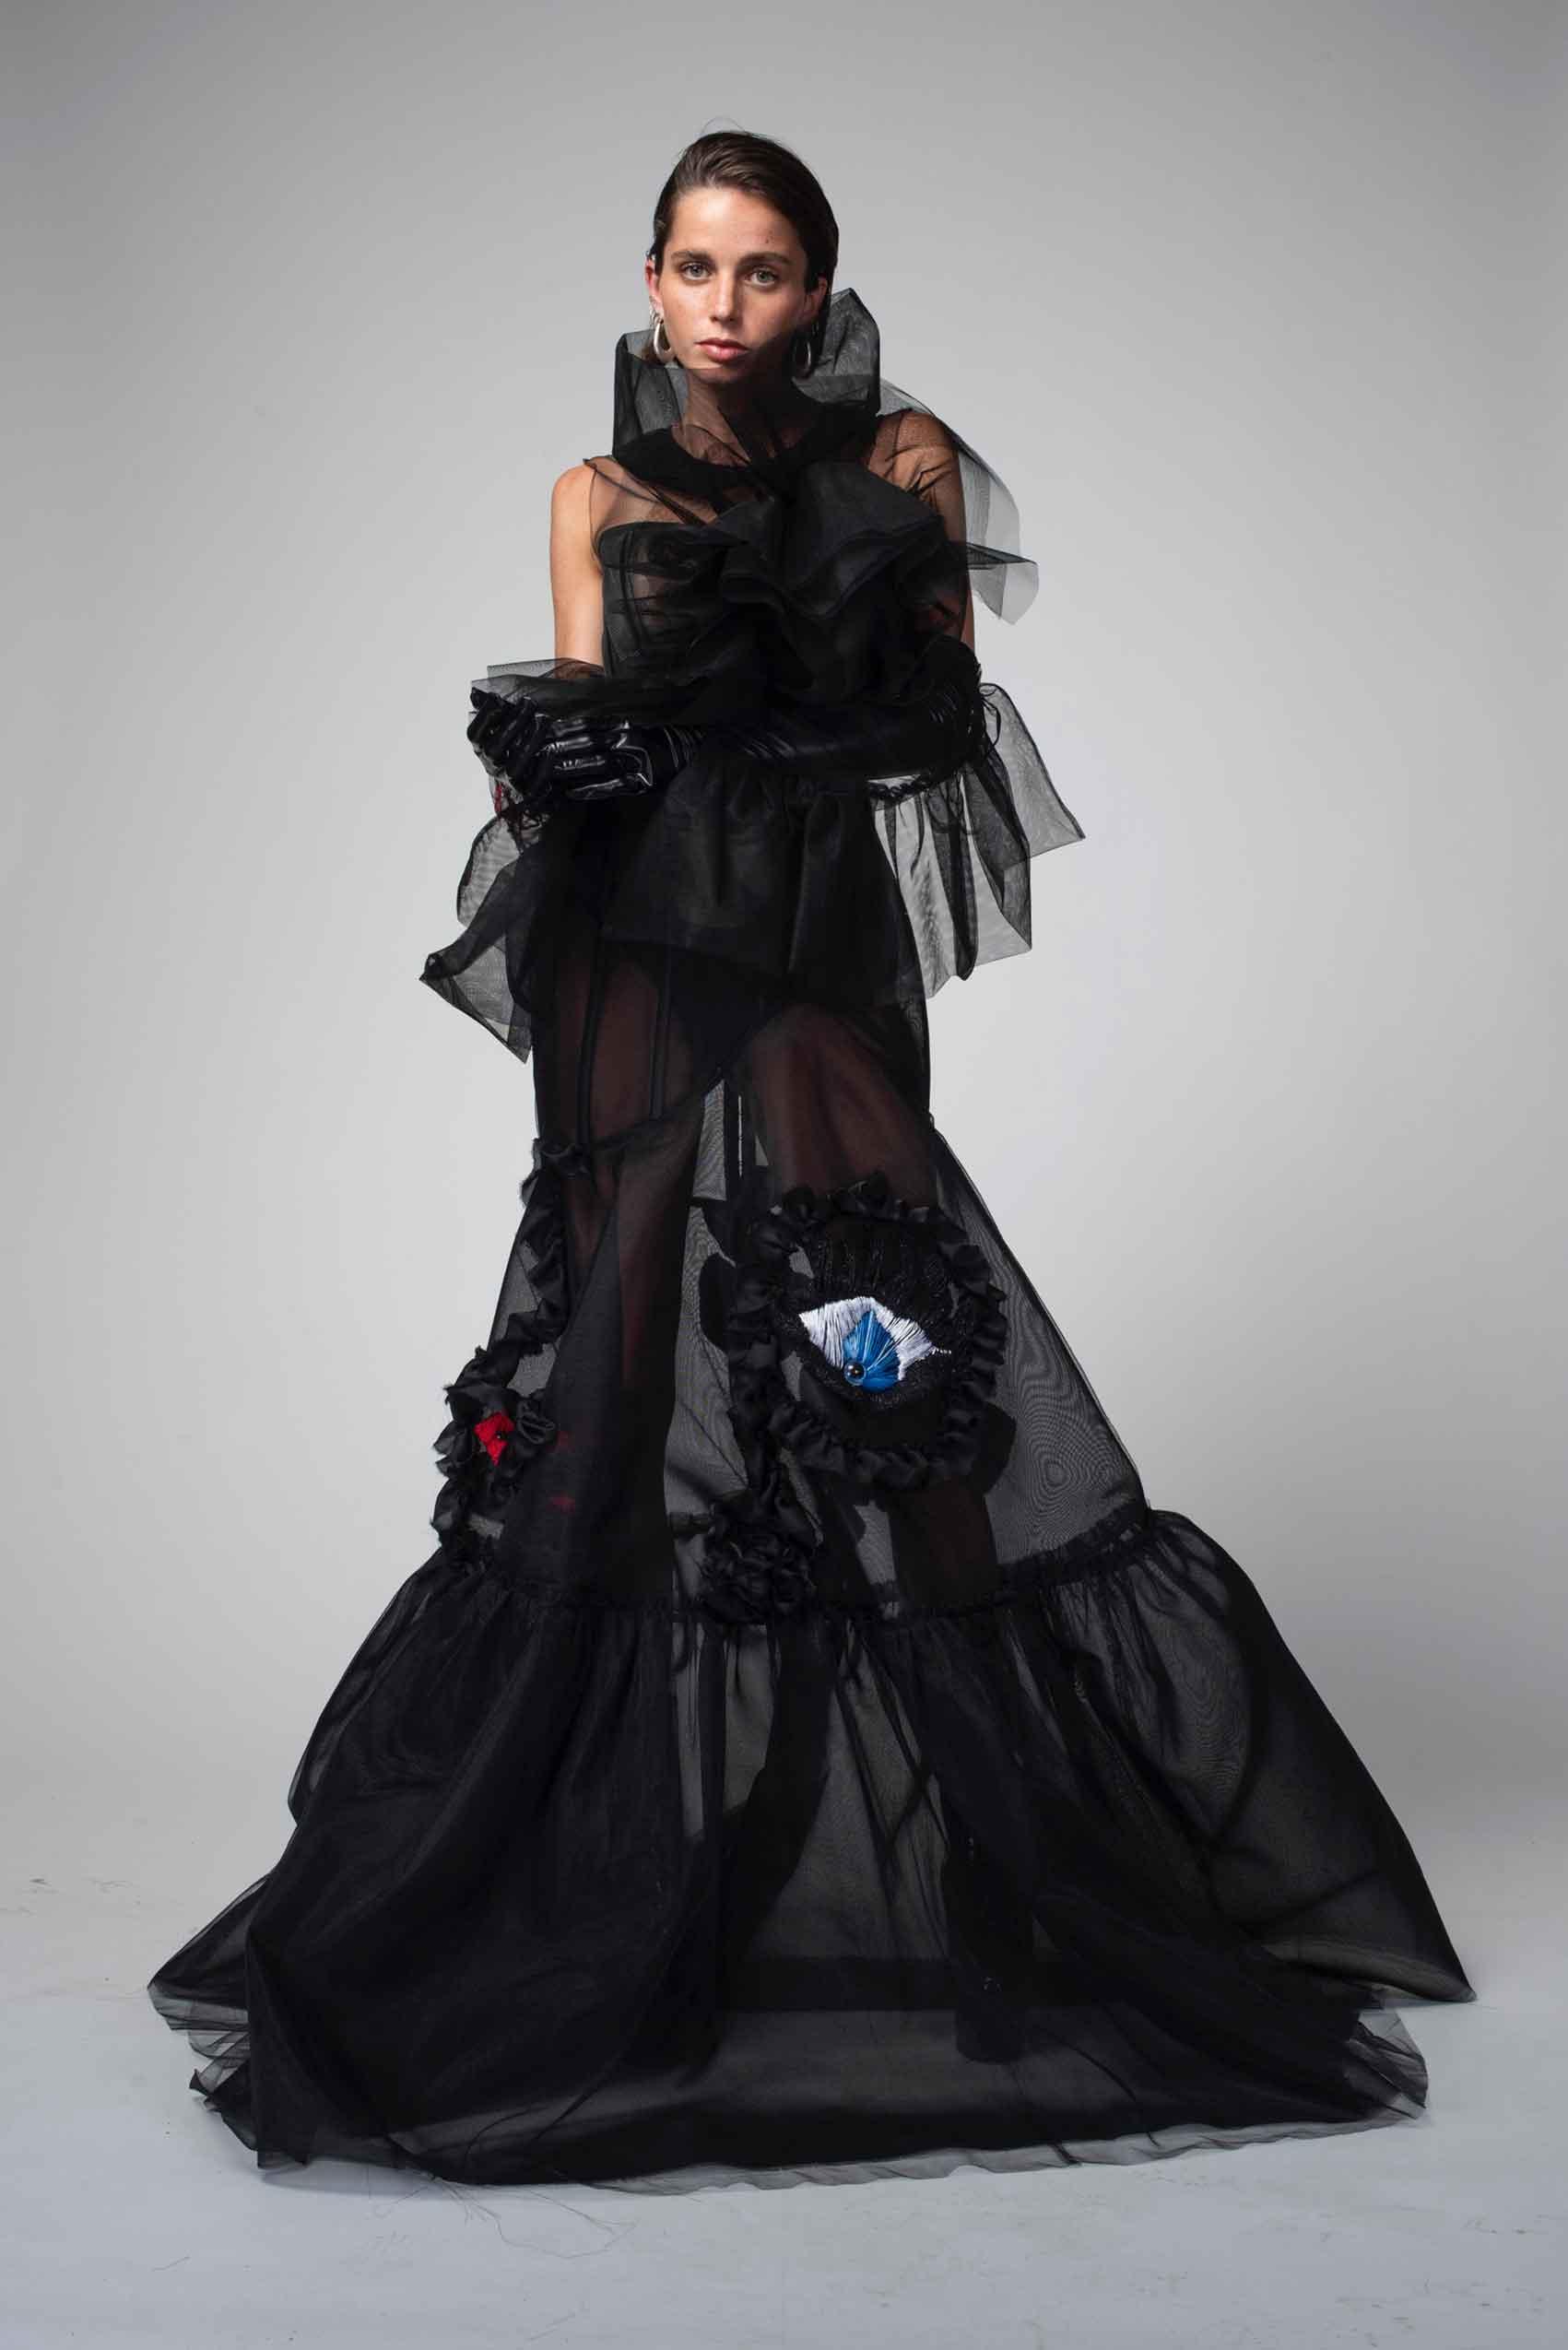 הפרעה נפשית - נטע אילוז, ויצו חיפה, עיצוב אופנה